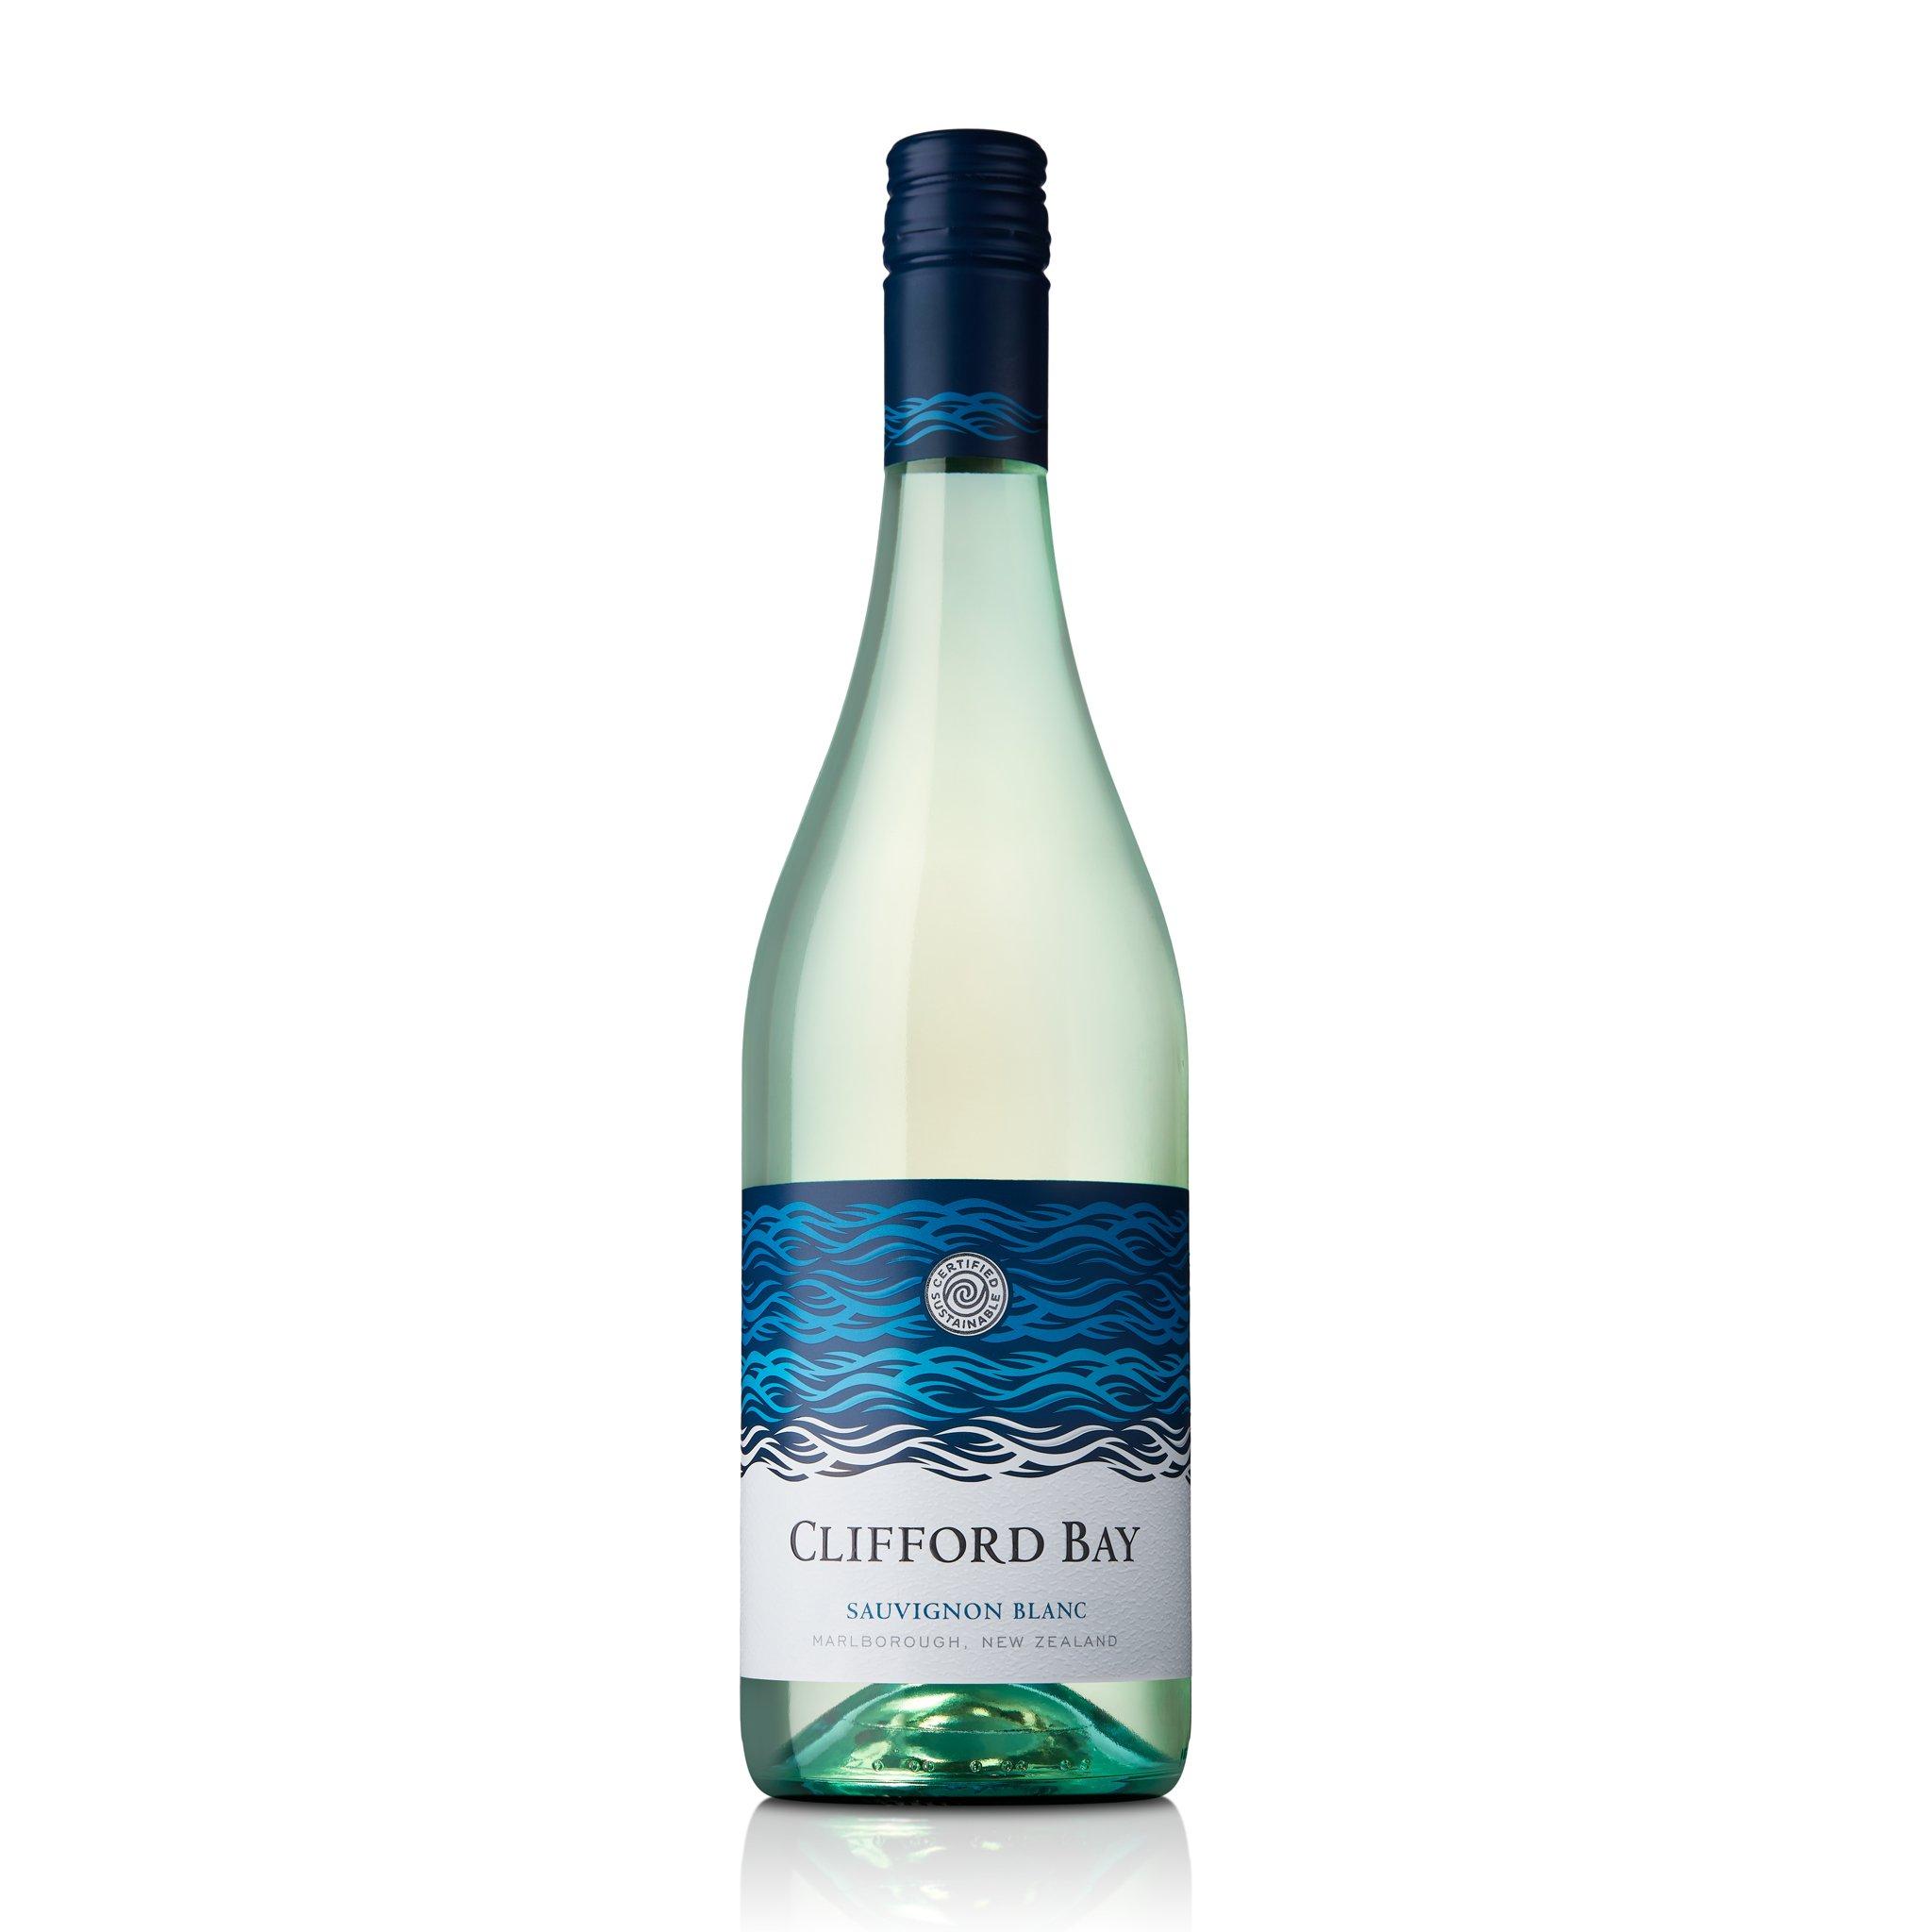 Clifford Bay Sauvignon Blanc 2020 12 bottles